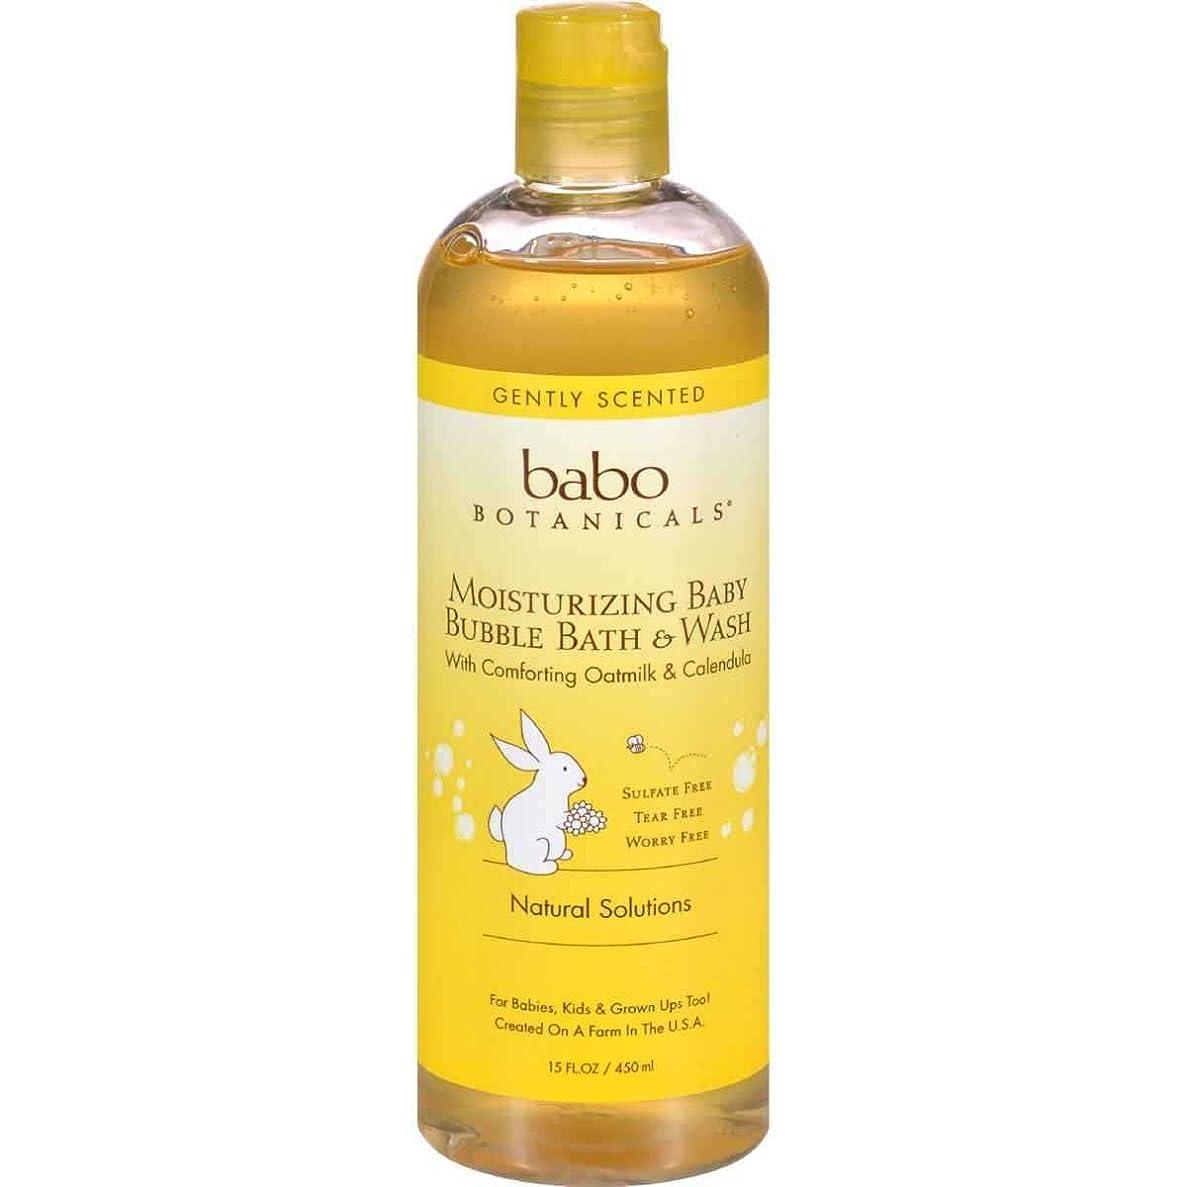 で出来ている前部放棄する海外直送品Replenishment Bubble Bath and Wash, Oatmilk Calendula 13.5 oz by Babo Botanicals